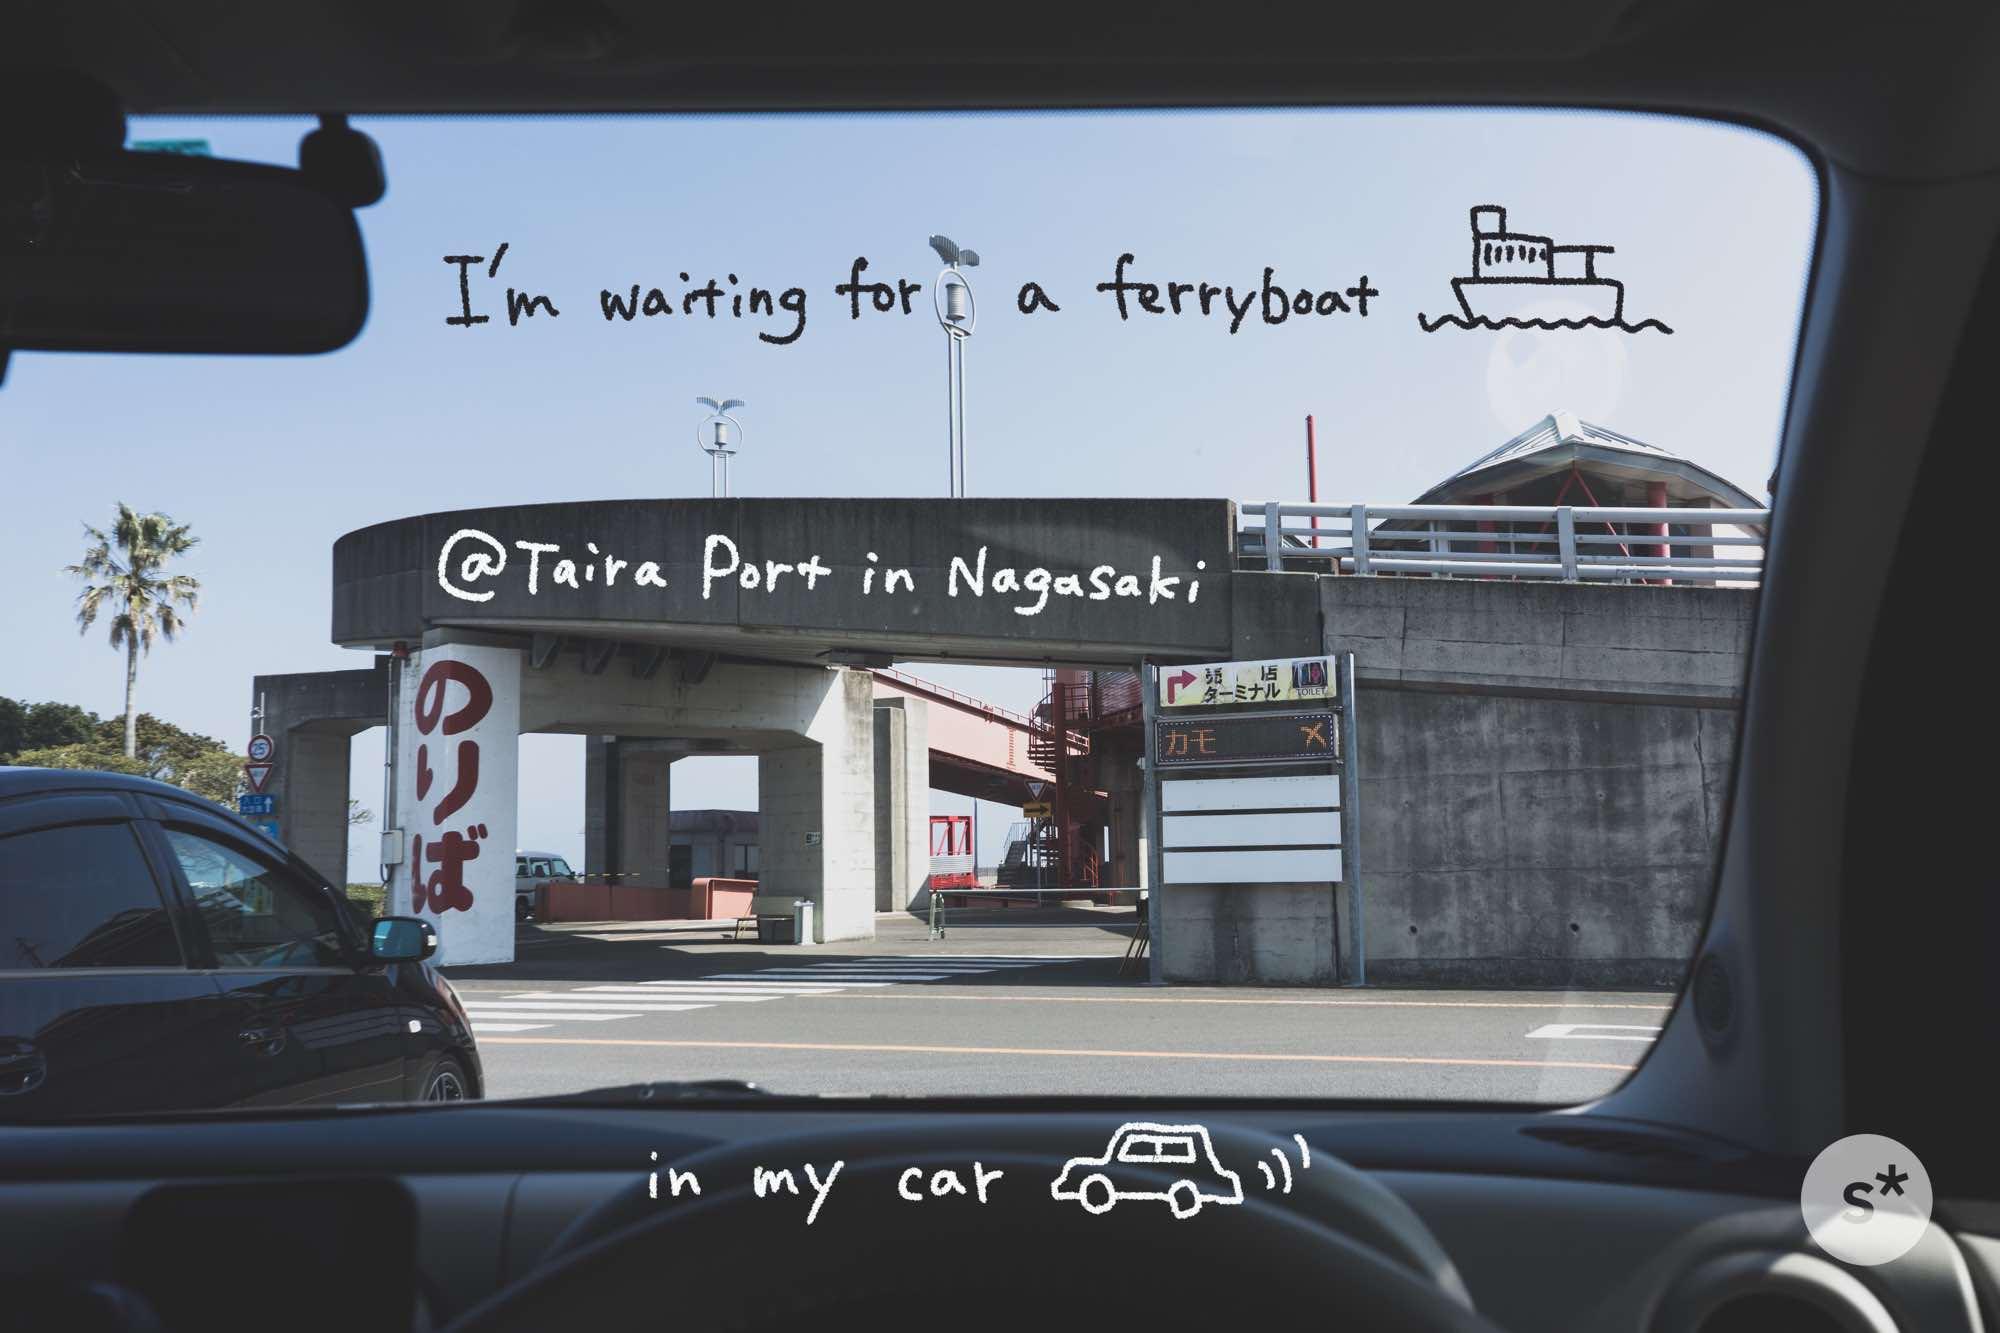 クルマの中でフェリーを待ちます。